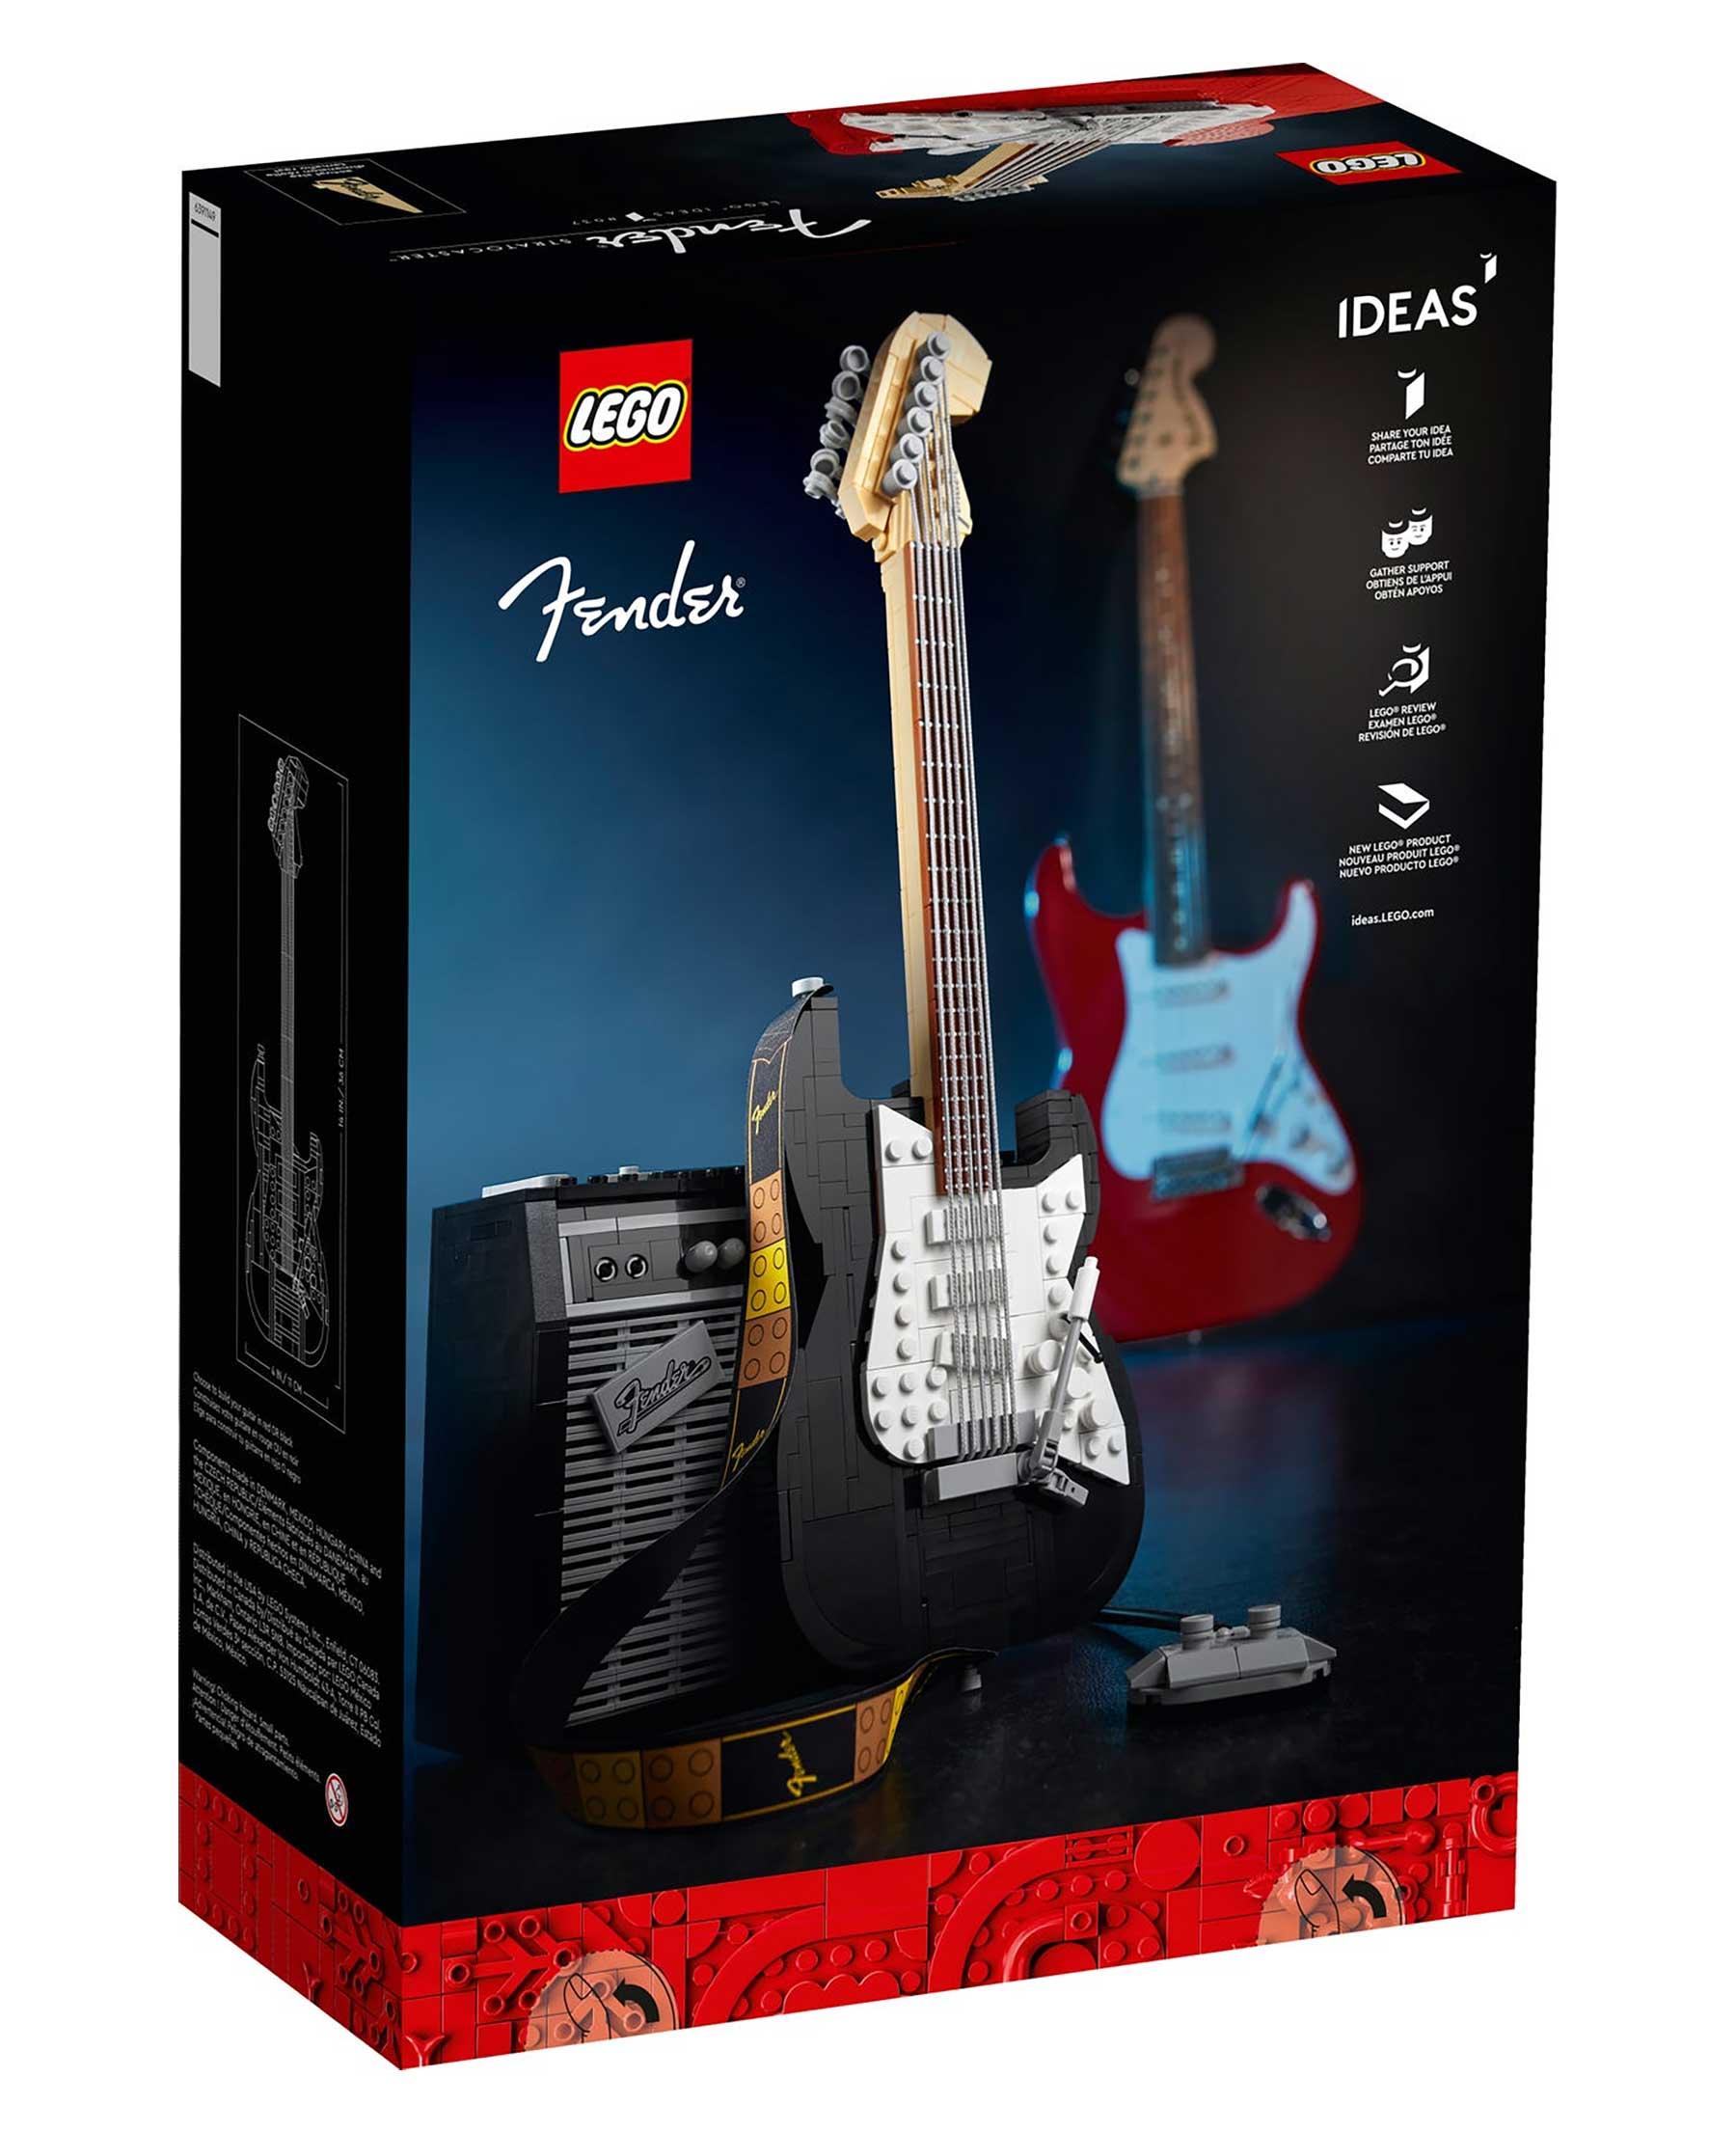 LEGO-Gitarre: Das Fender-Stratocaster-Design LEGO-Gitarre-fender-Stratocaster_04